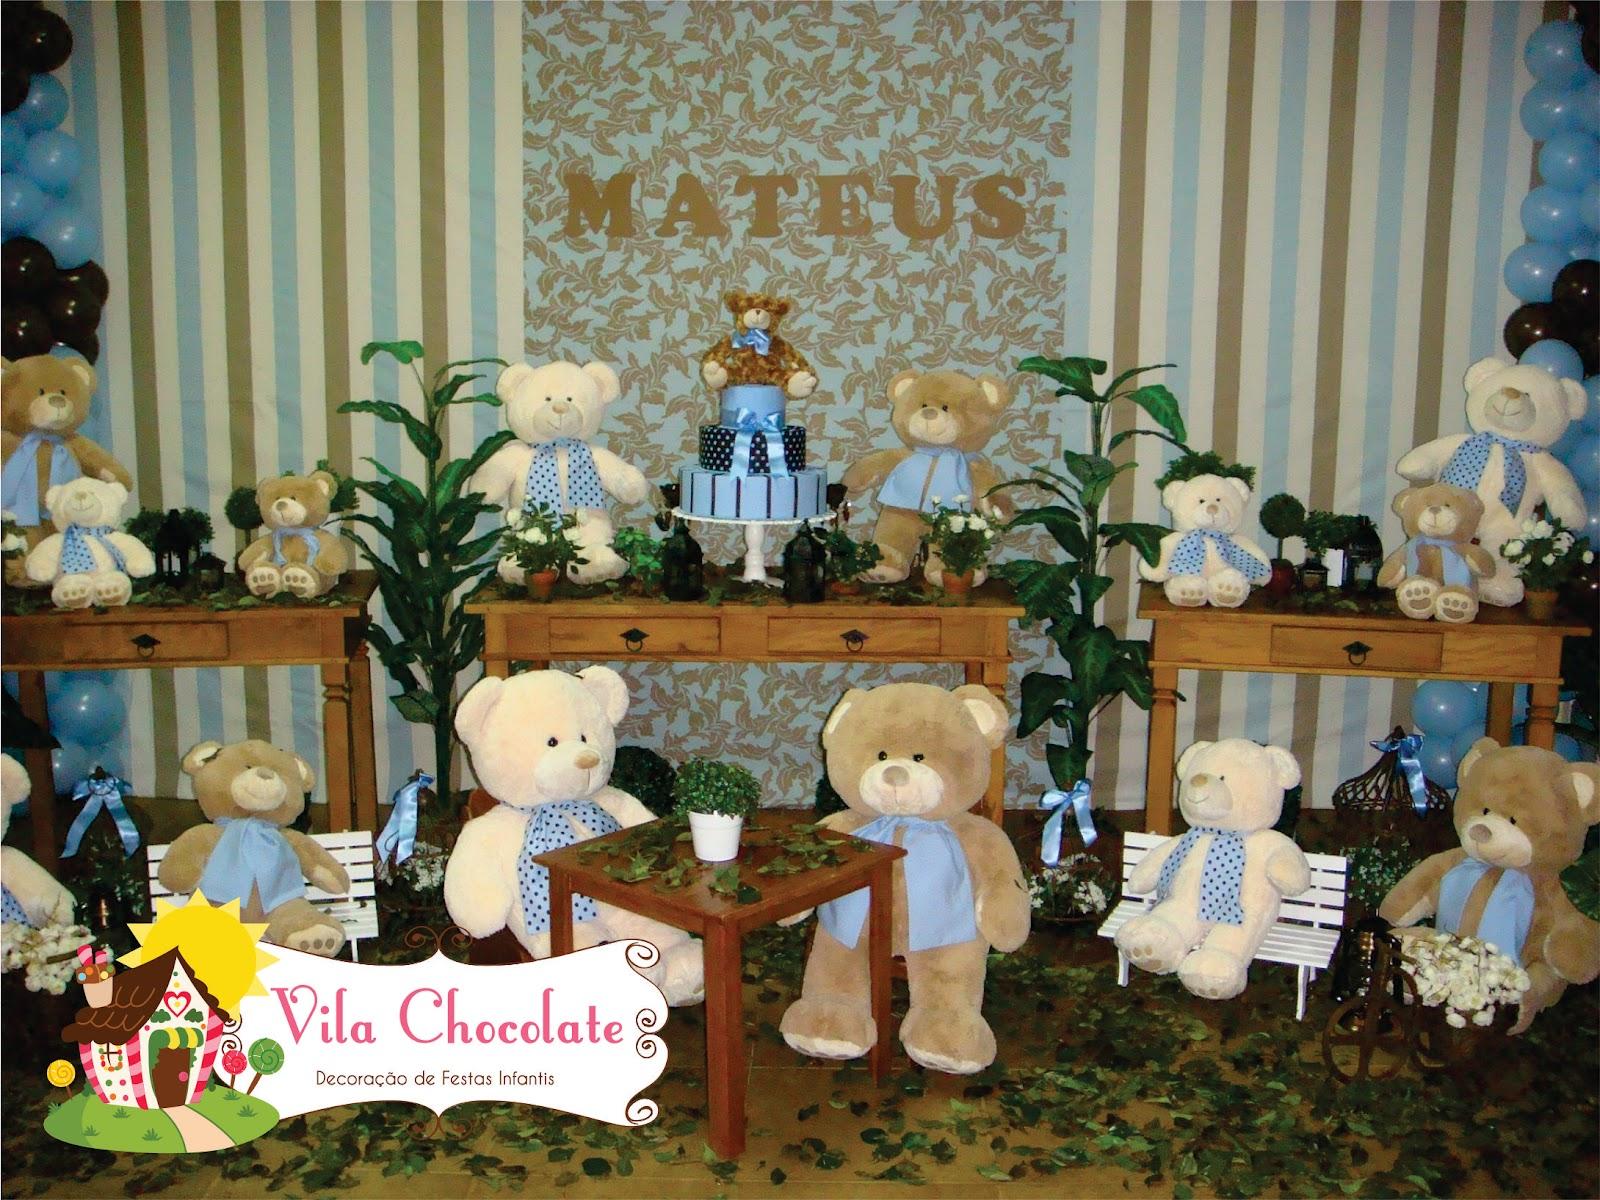 decoracao festa urso azul e marrom : decoracao festa urso azul e marrom:urso marrom e azul urso marrom e azul urso marrom e azul urso marrom e